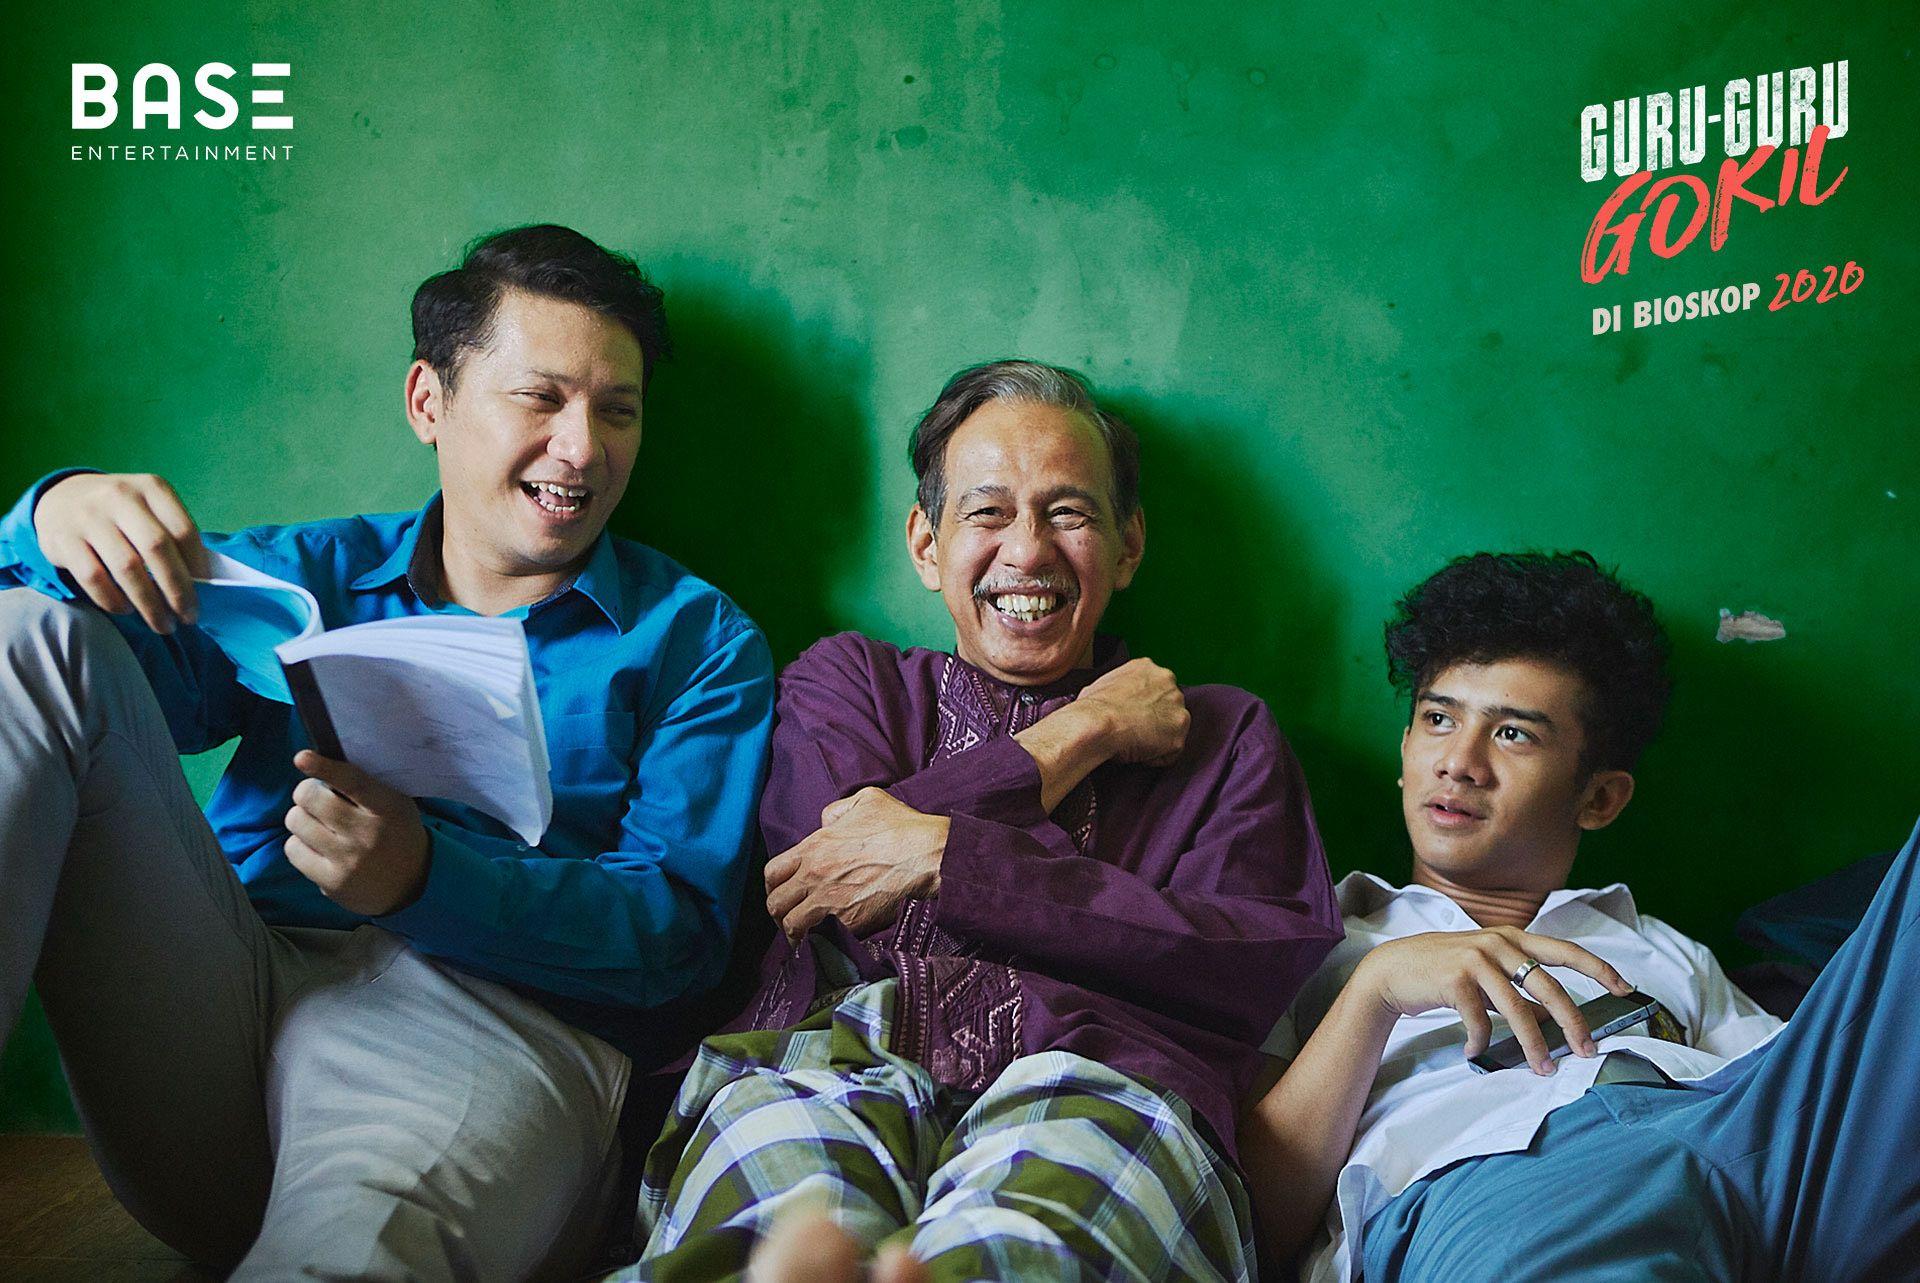 Menunggu Filmnya Tayang, 'Guru-Guru Gokil' Rilis Audio Series